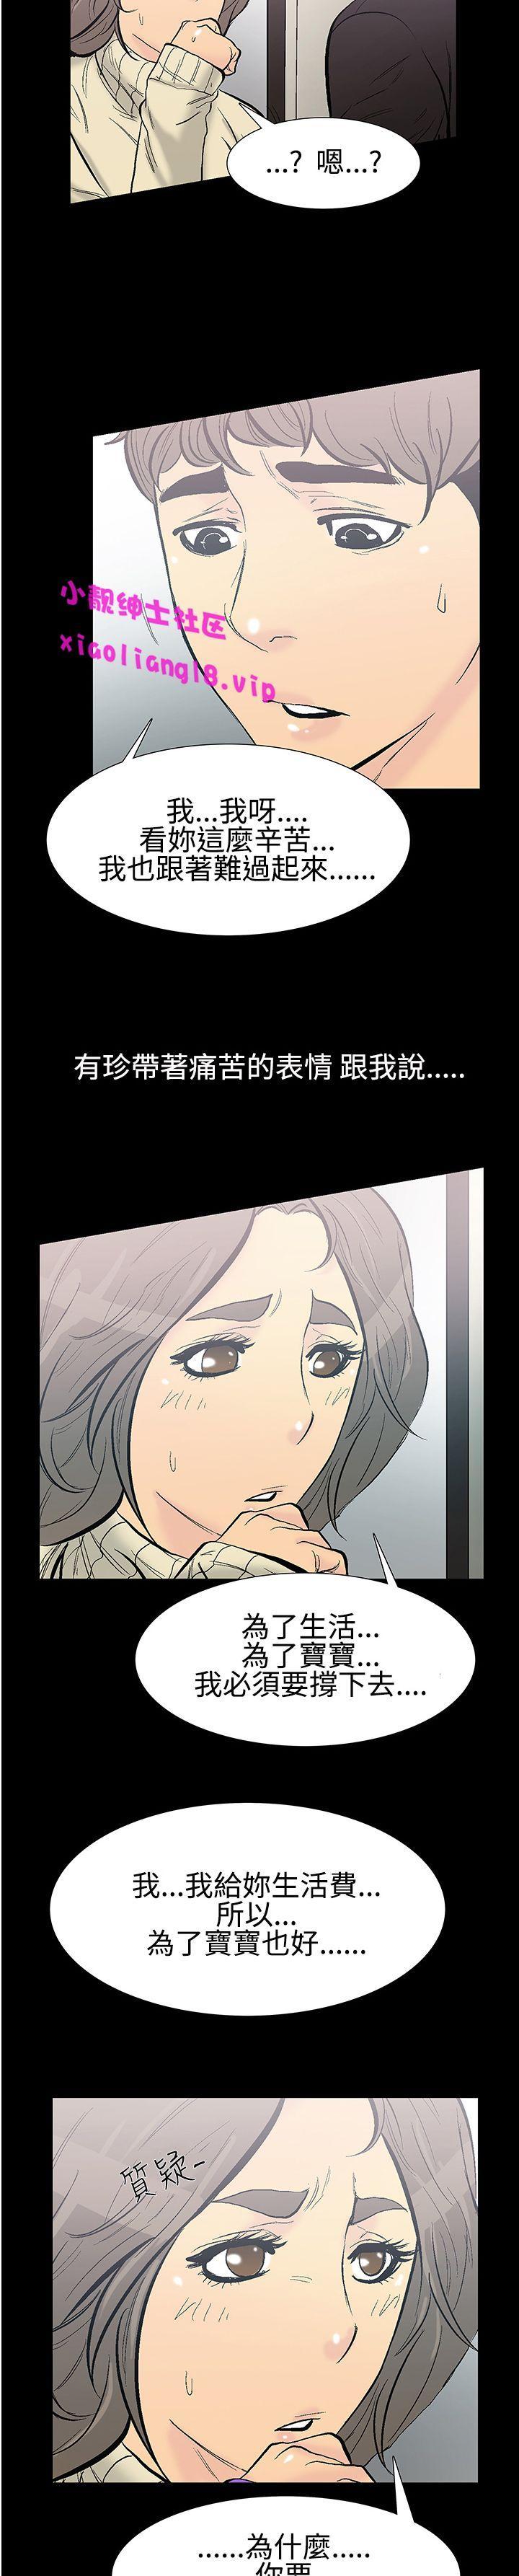 中文韩漫 無法停止的甜蜜關係 Ch.0-12 74